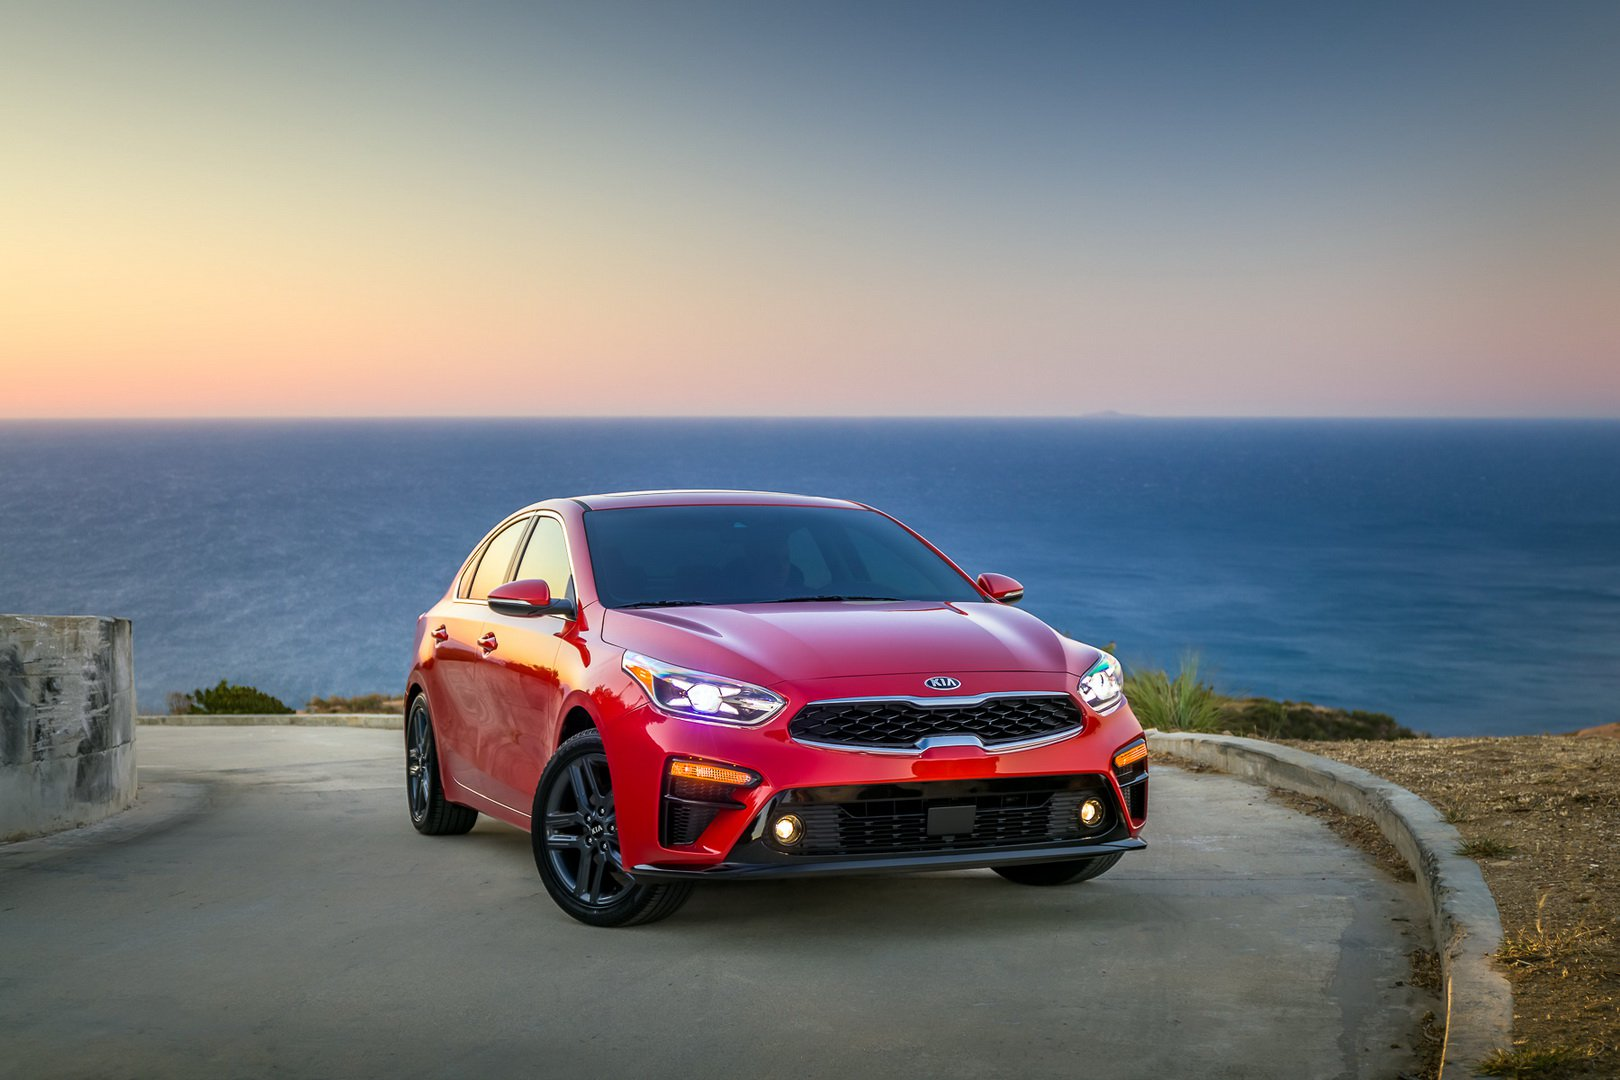 2019 Kia Forte Priced At 17 690 Autoevolution